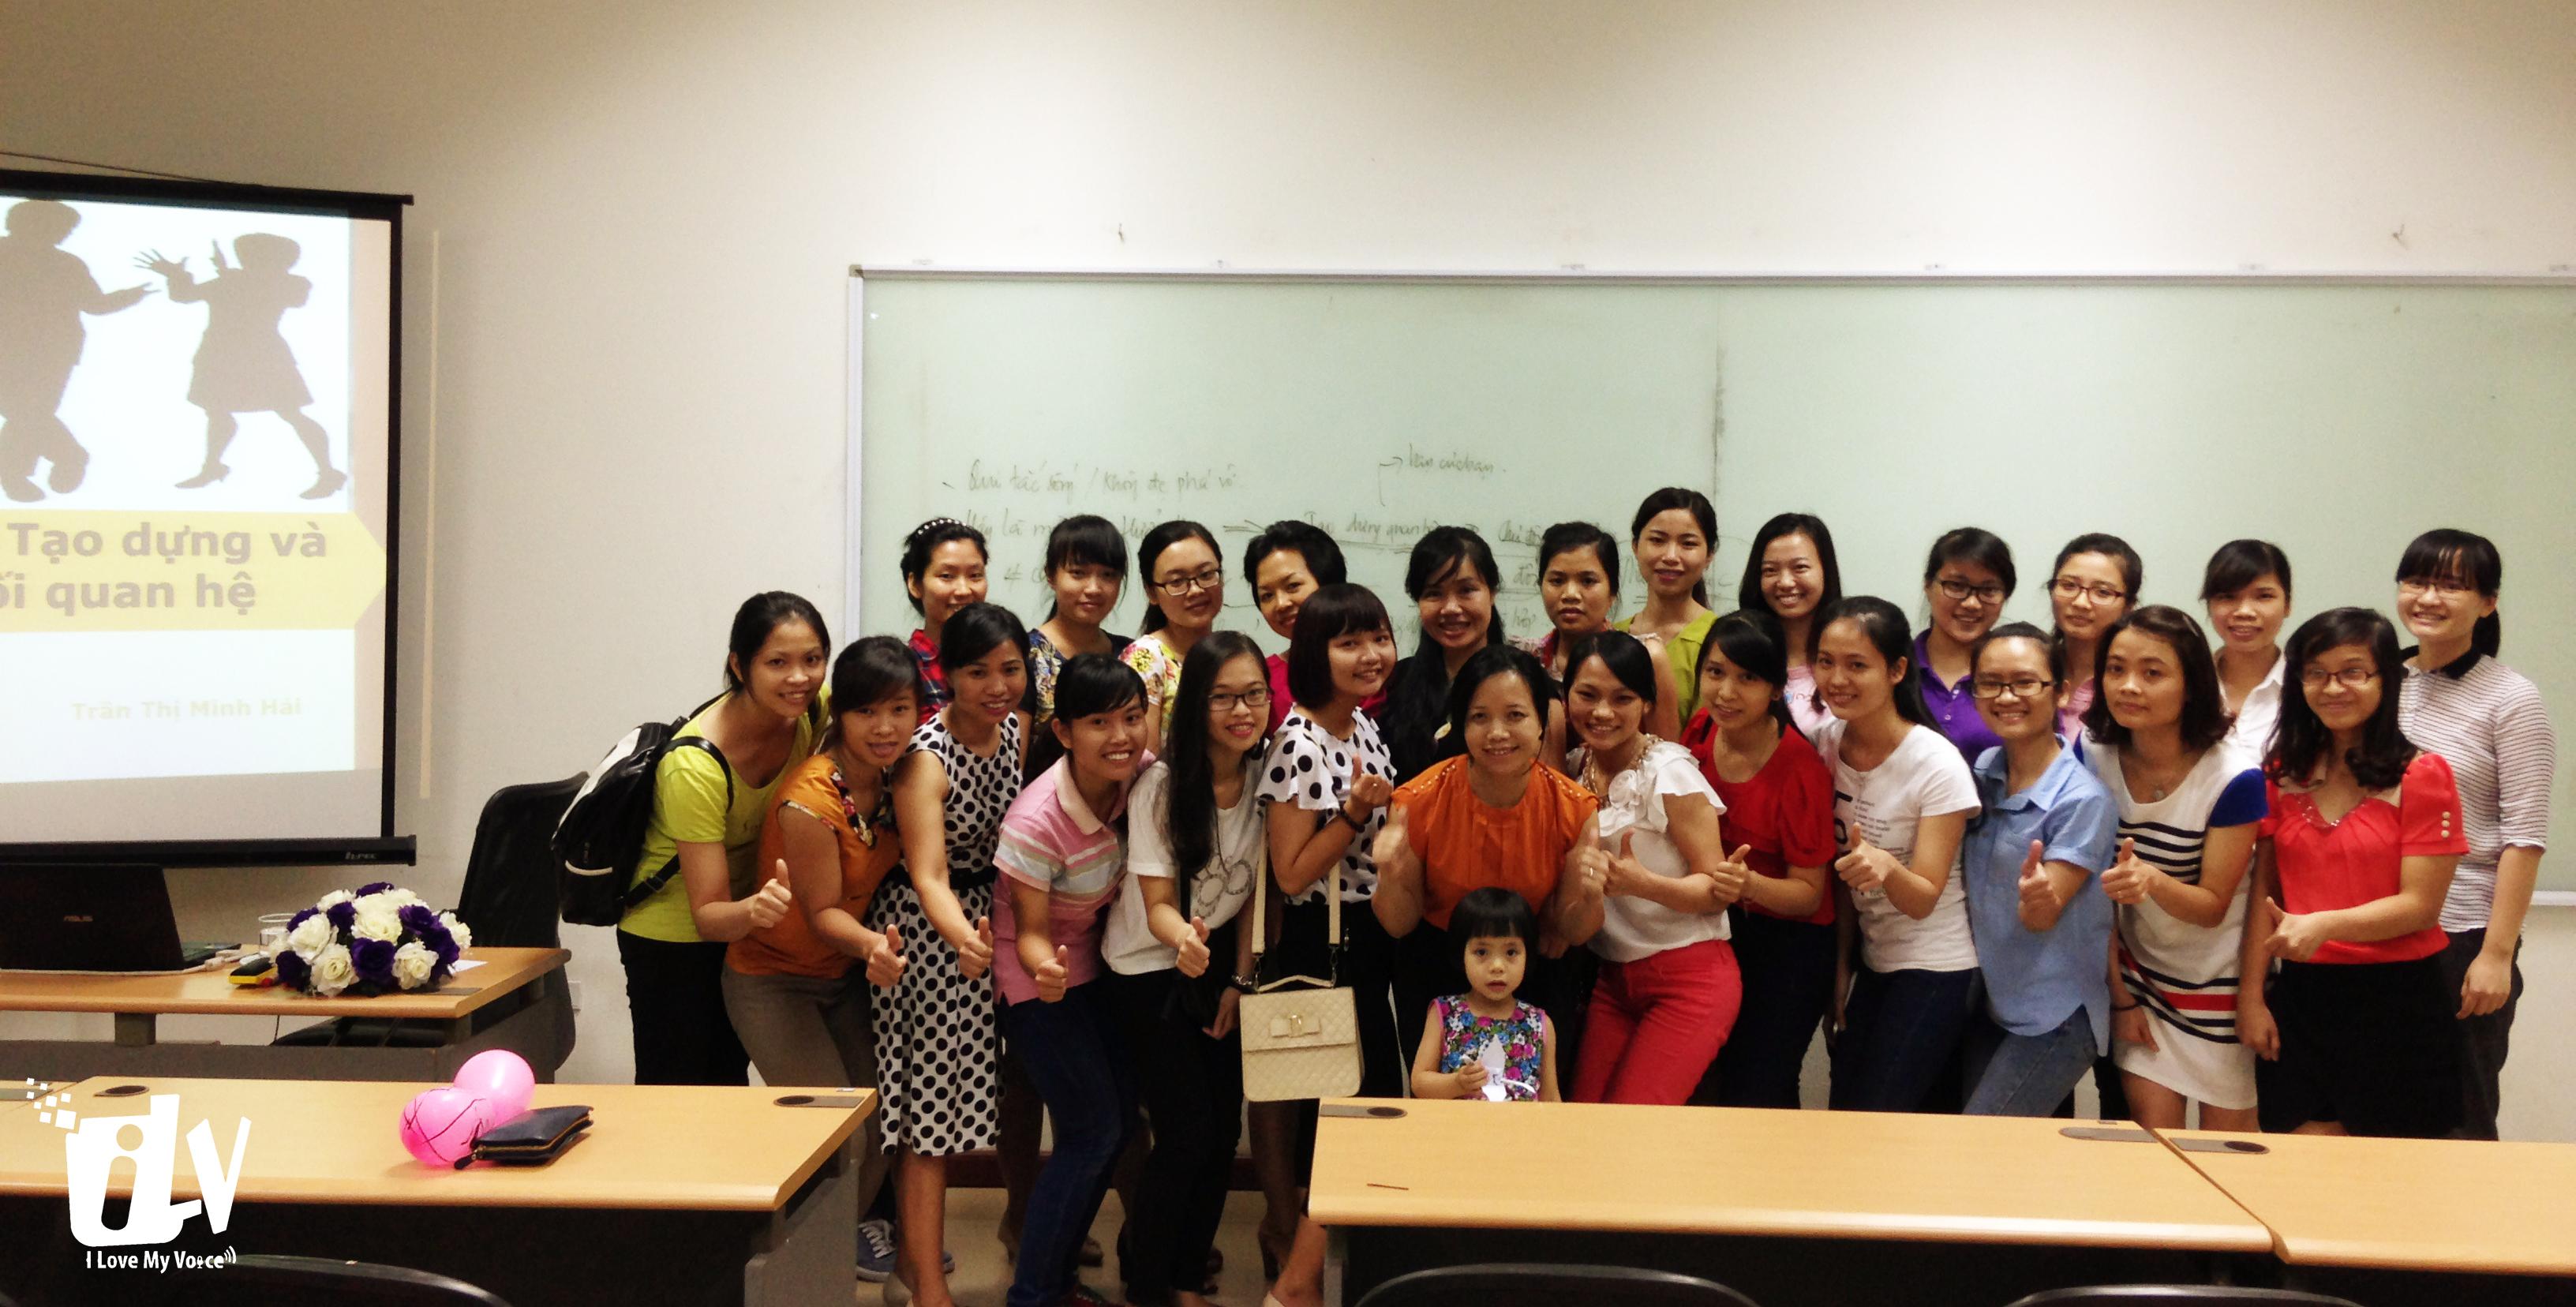 Các chị, các bạn tham gia chương trình cùng cô Trần Thị Minh Hải.